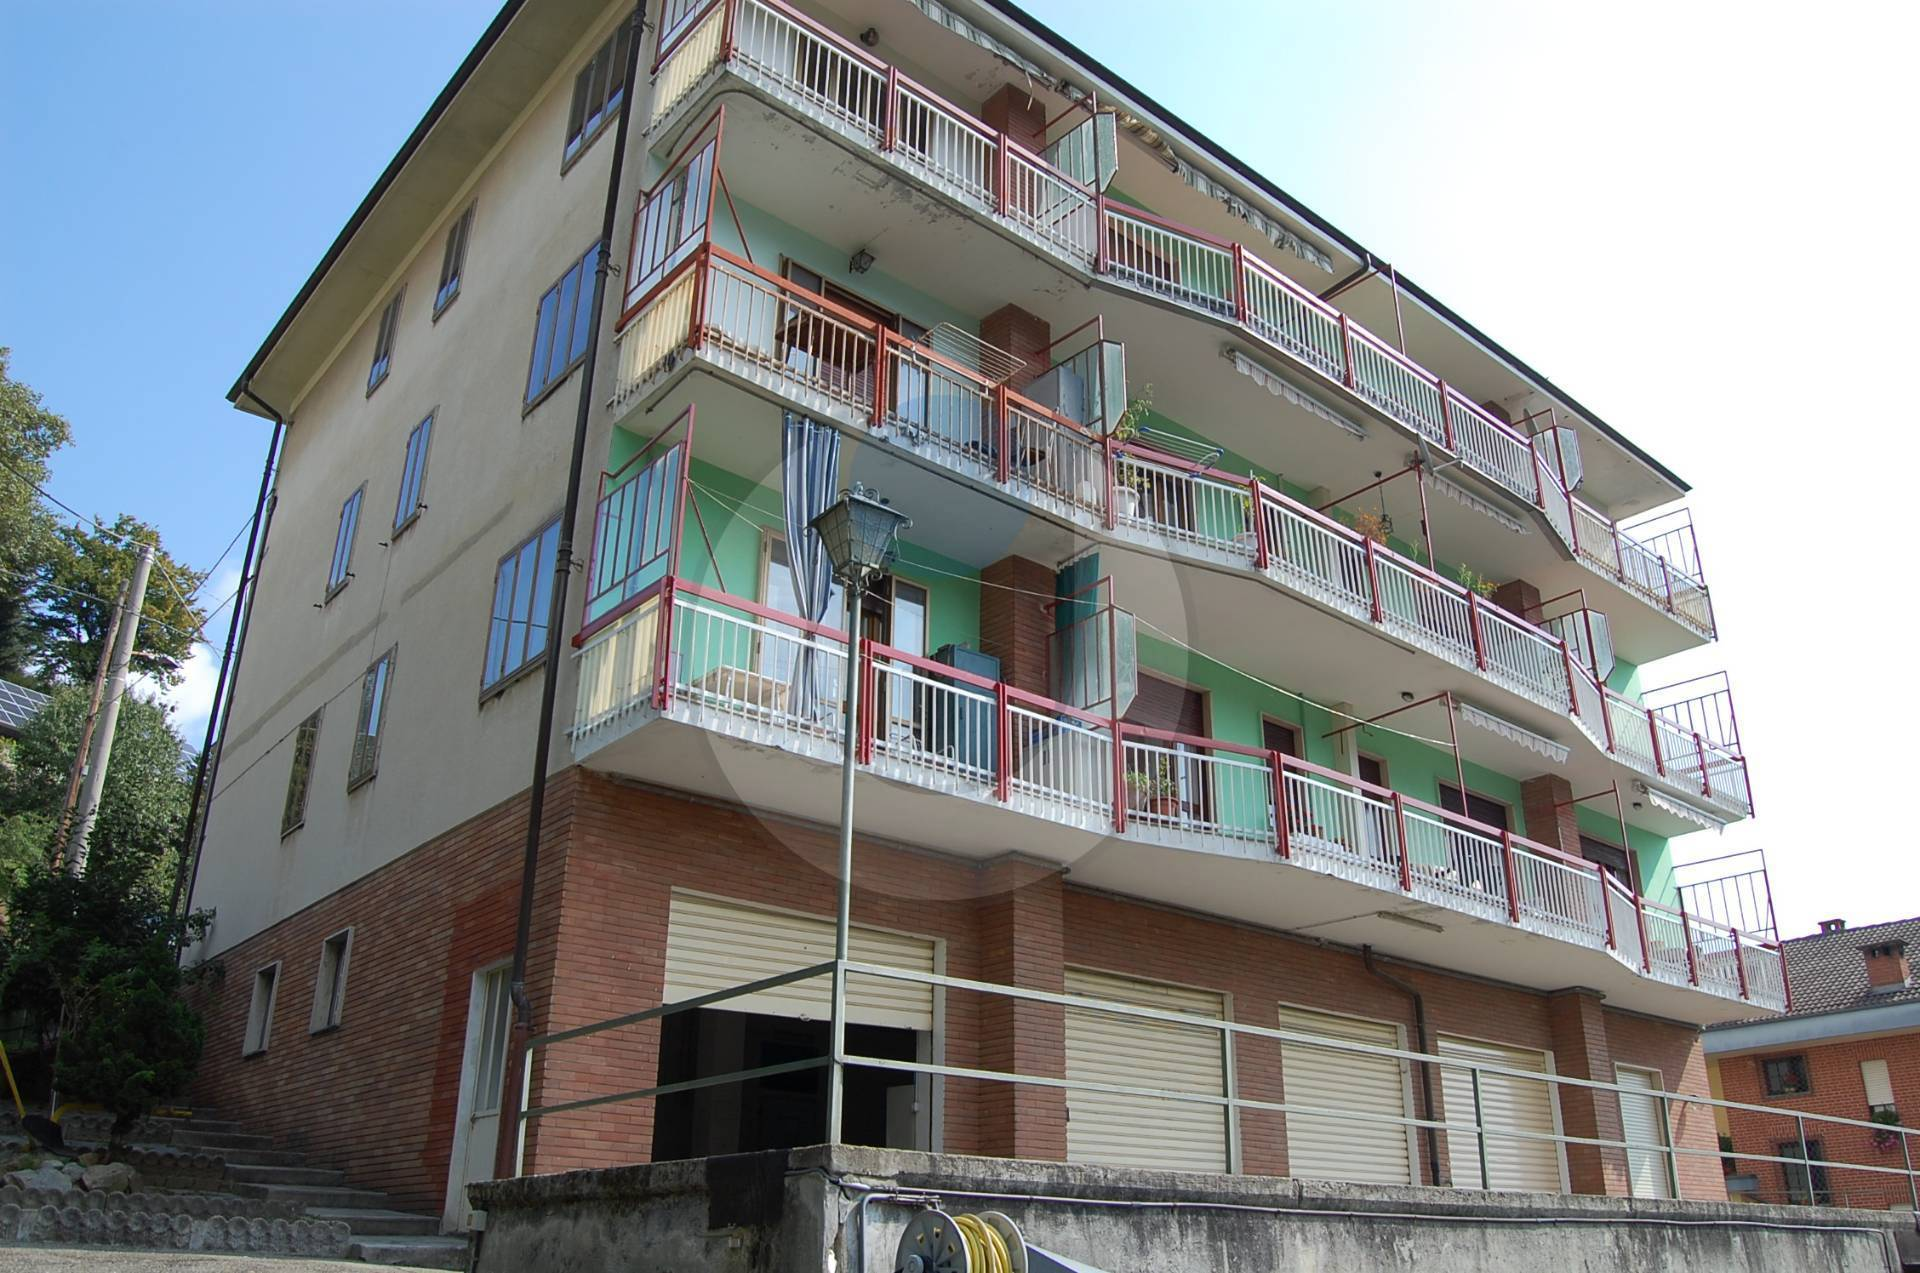 Appartamento in vendita a Coazze, 6 locali, zona Località: Semicentrale, prezzo € 45.000 | PortaleAgenzieImmobiliari.it